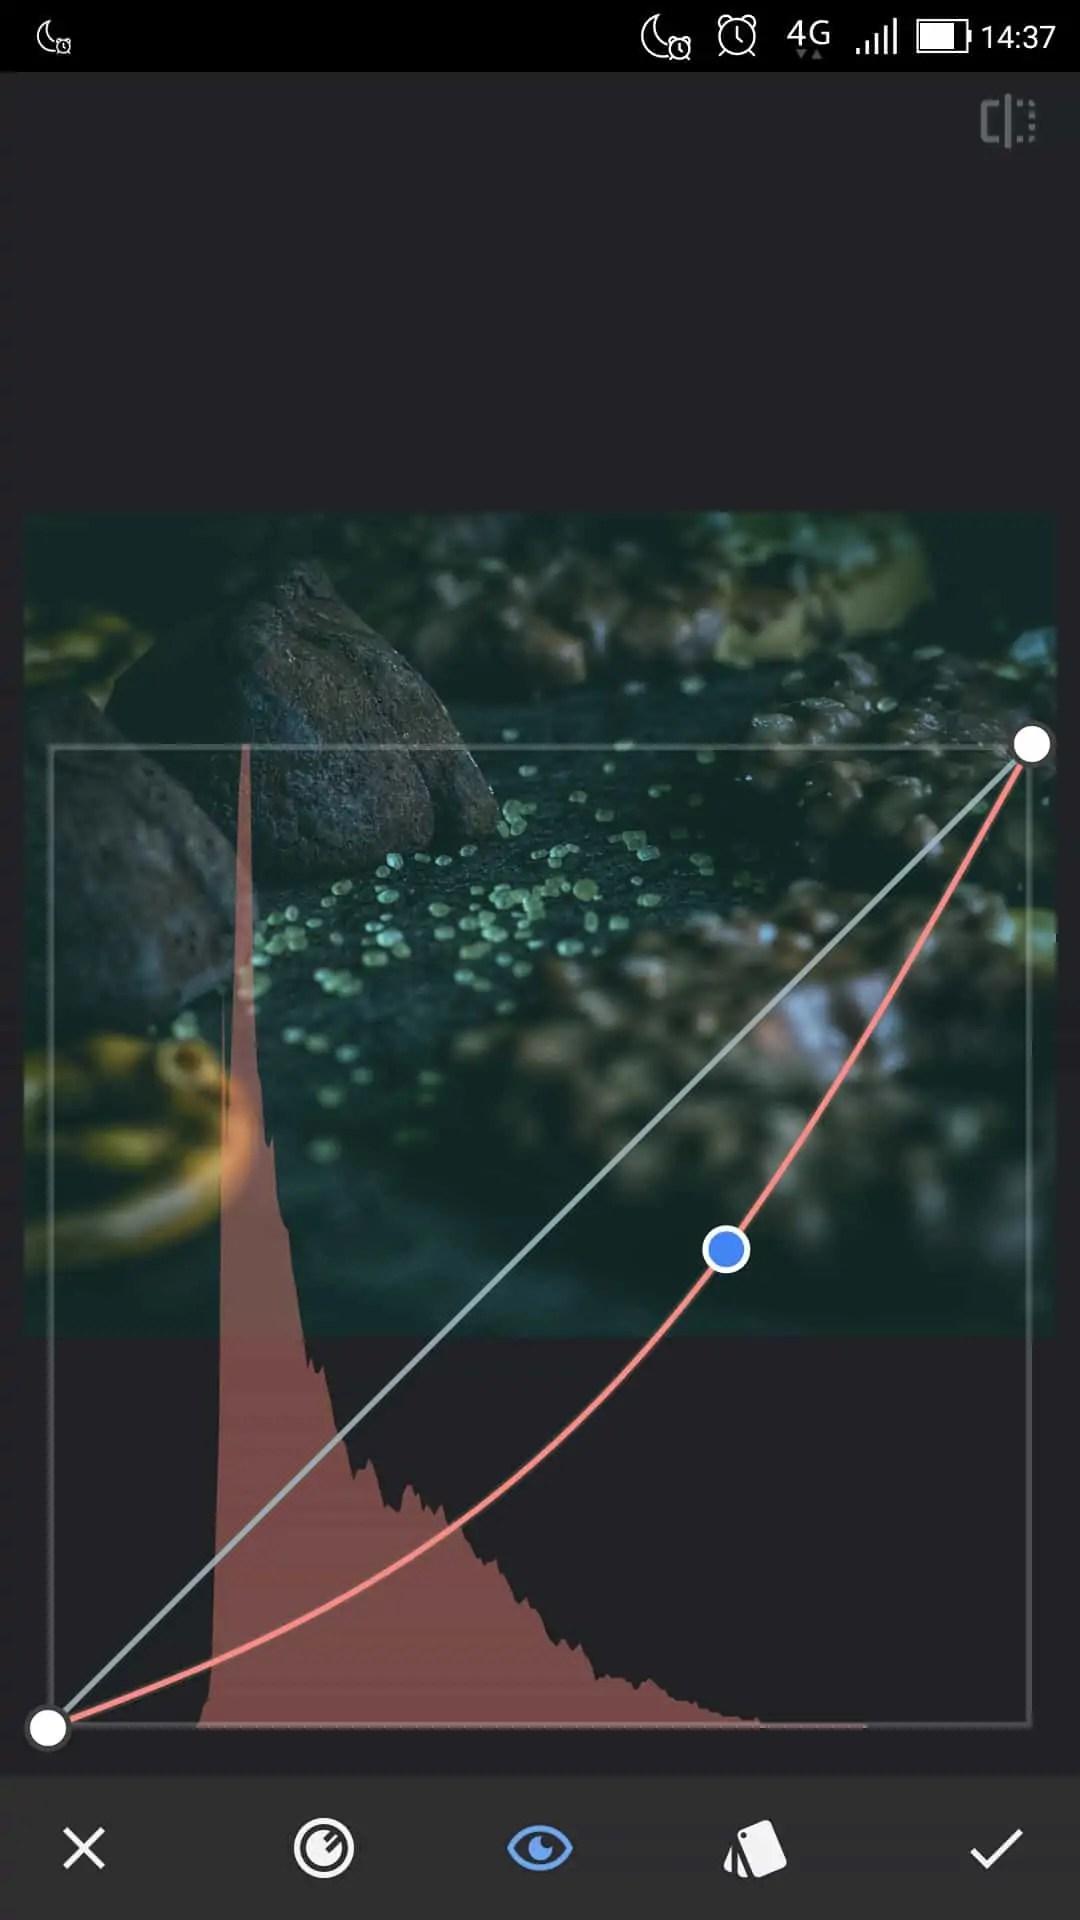 efekt zielonego koloru poprzez zmniejszenie wartości czerwieni - Snapseed apka do zdjęć dla każdego